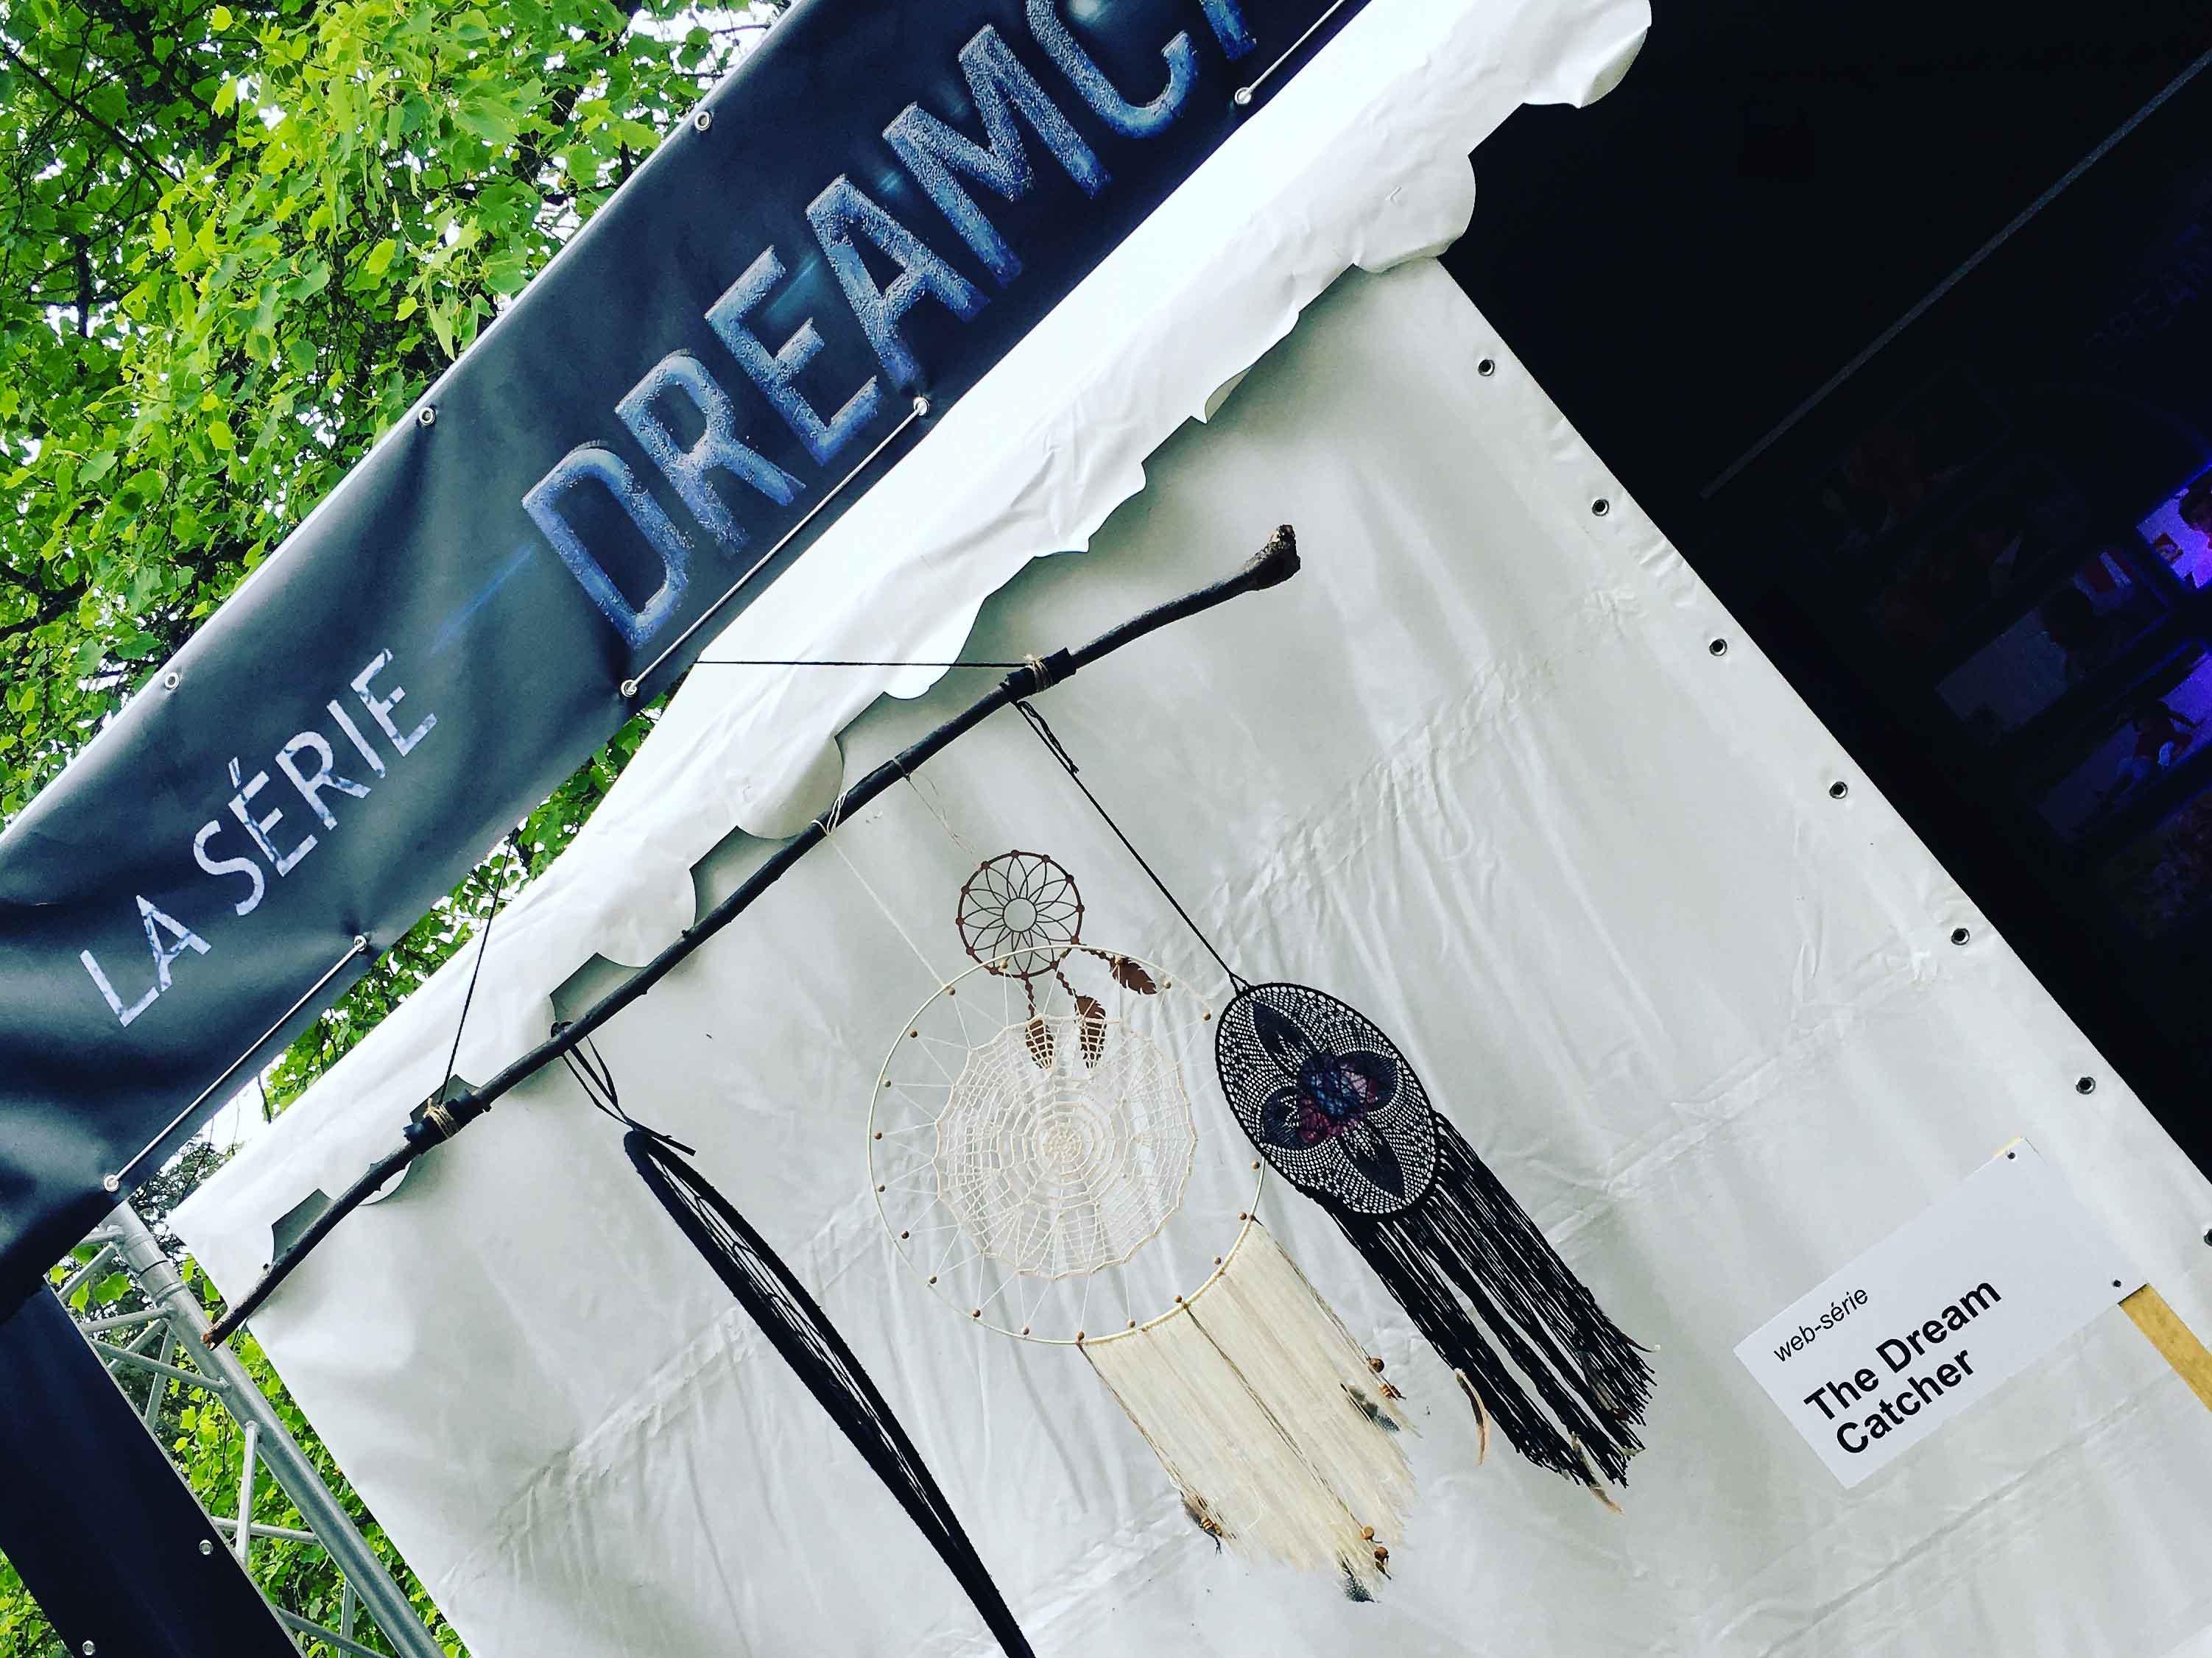 action de promotion au festival Les Imaginales d'Epinal mai 2017